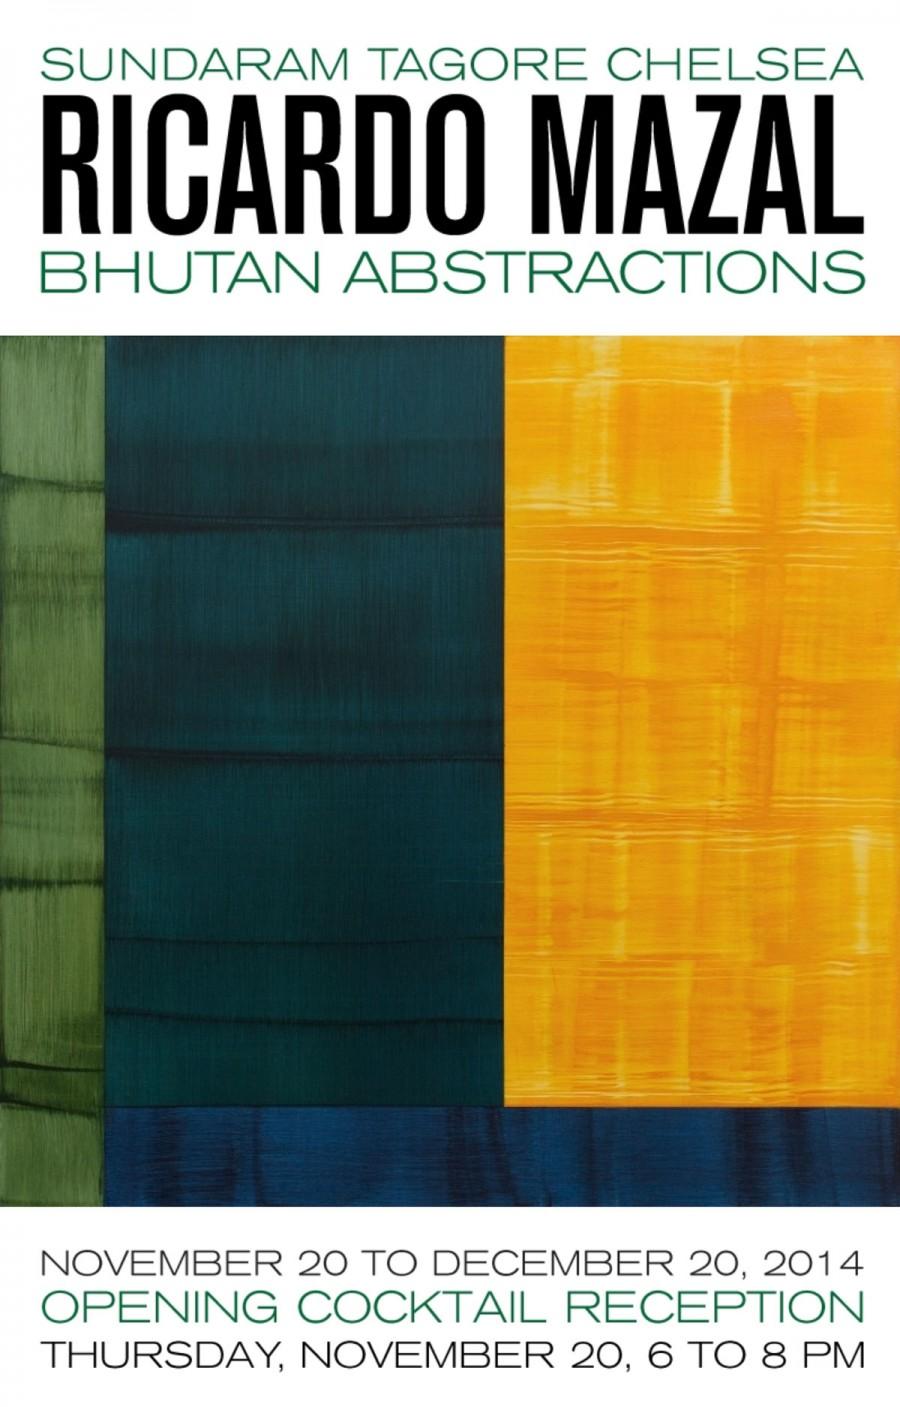 bhutan-abstractions-press-release-top